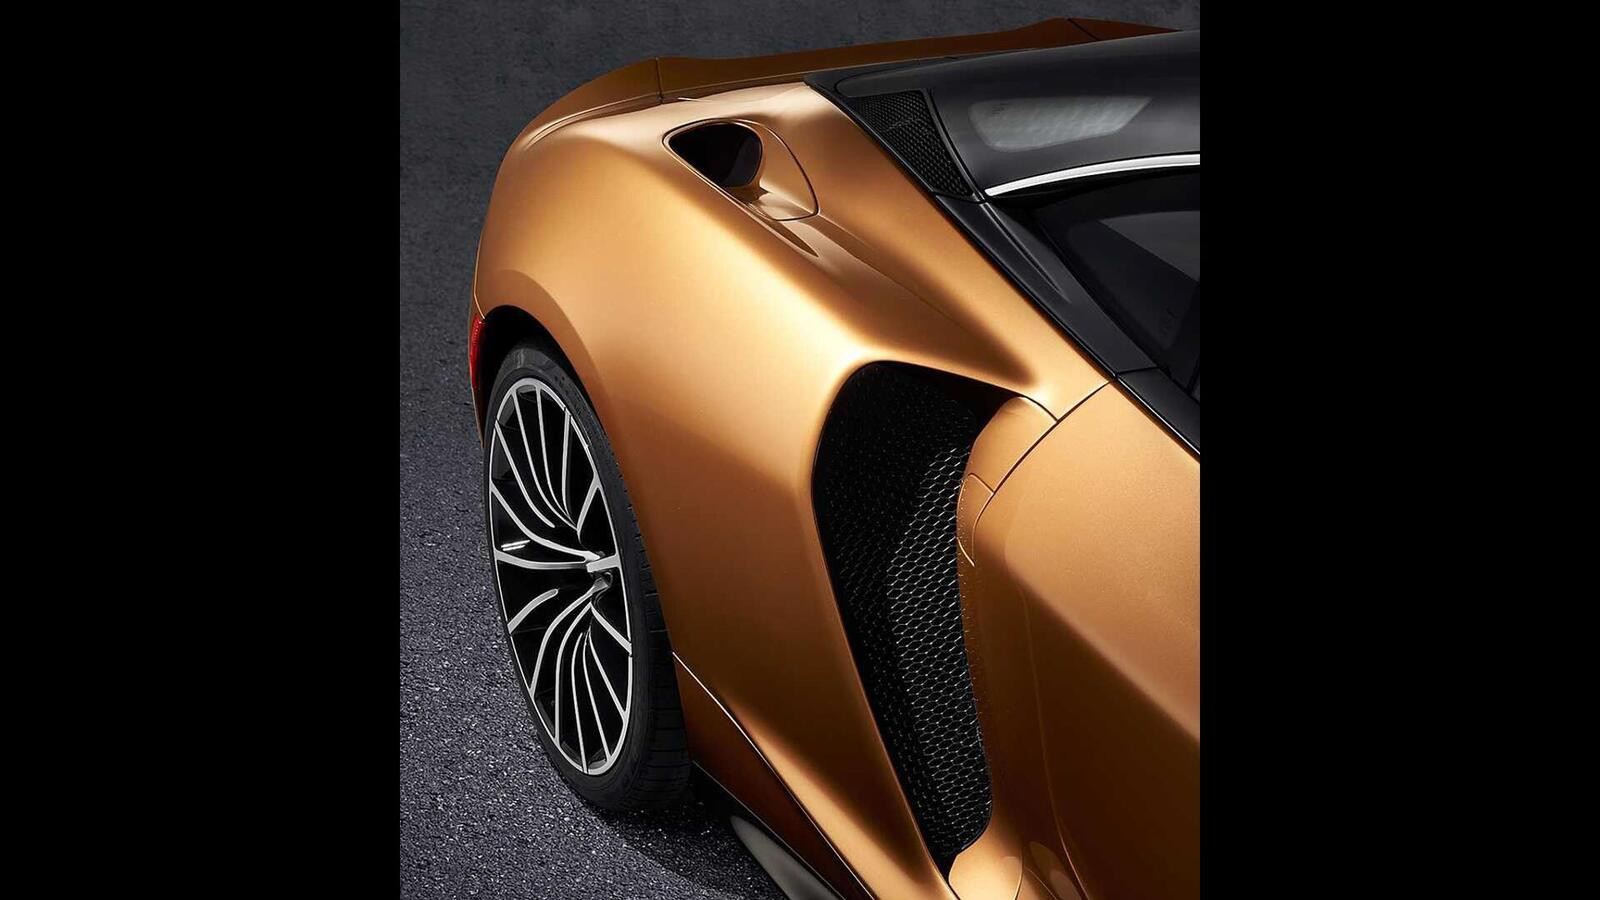 McLaren giới thiệu siêu xe GT 2020 hoàn toàn mới: Động cơ mạnh mẽ và cabin thoải mái - Hình 28